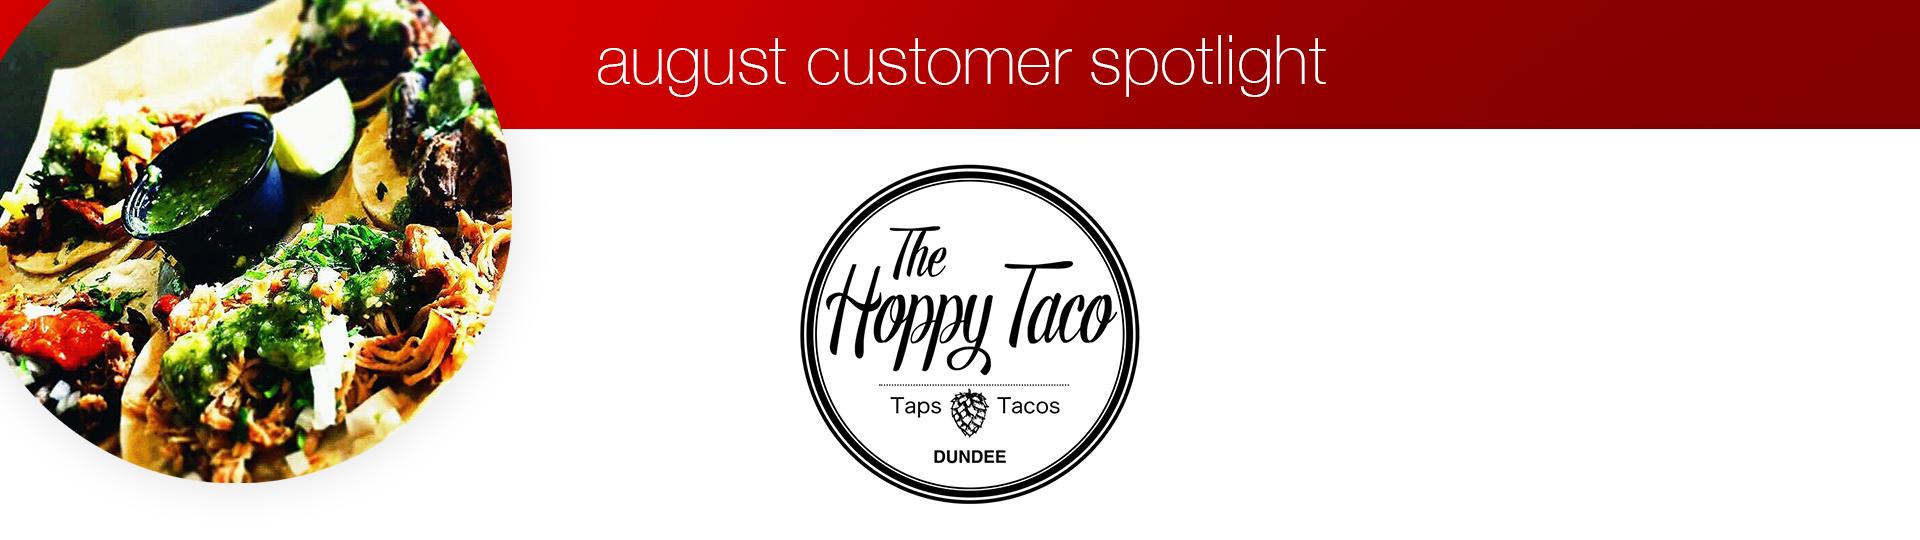 August Customer Spotlight: Hoppy Taco